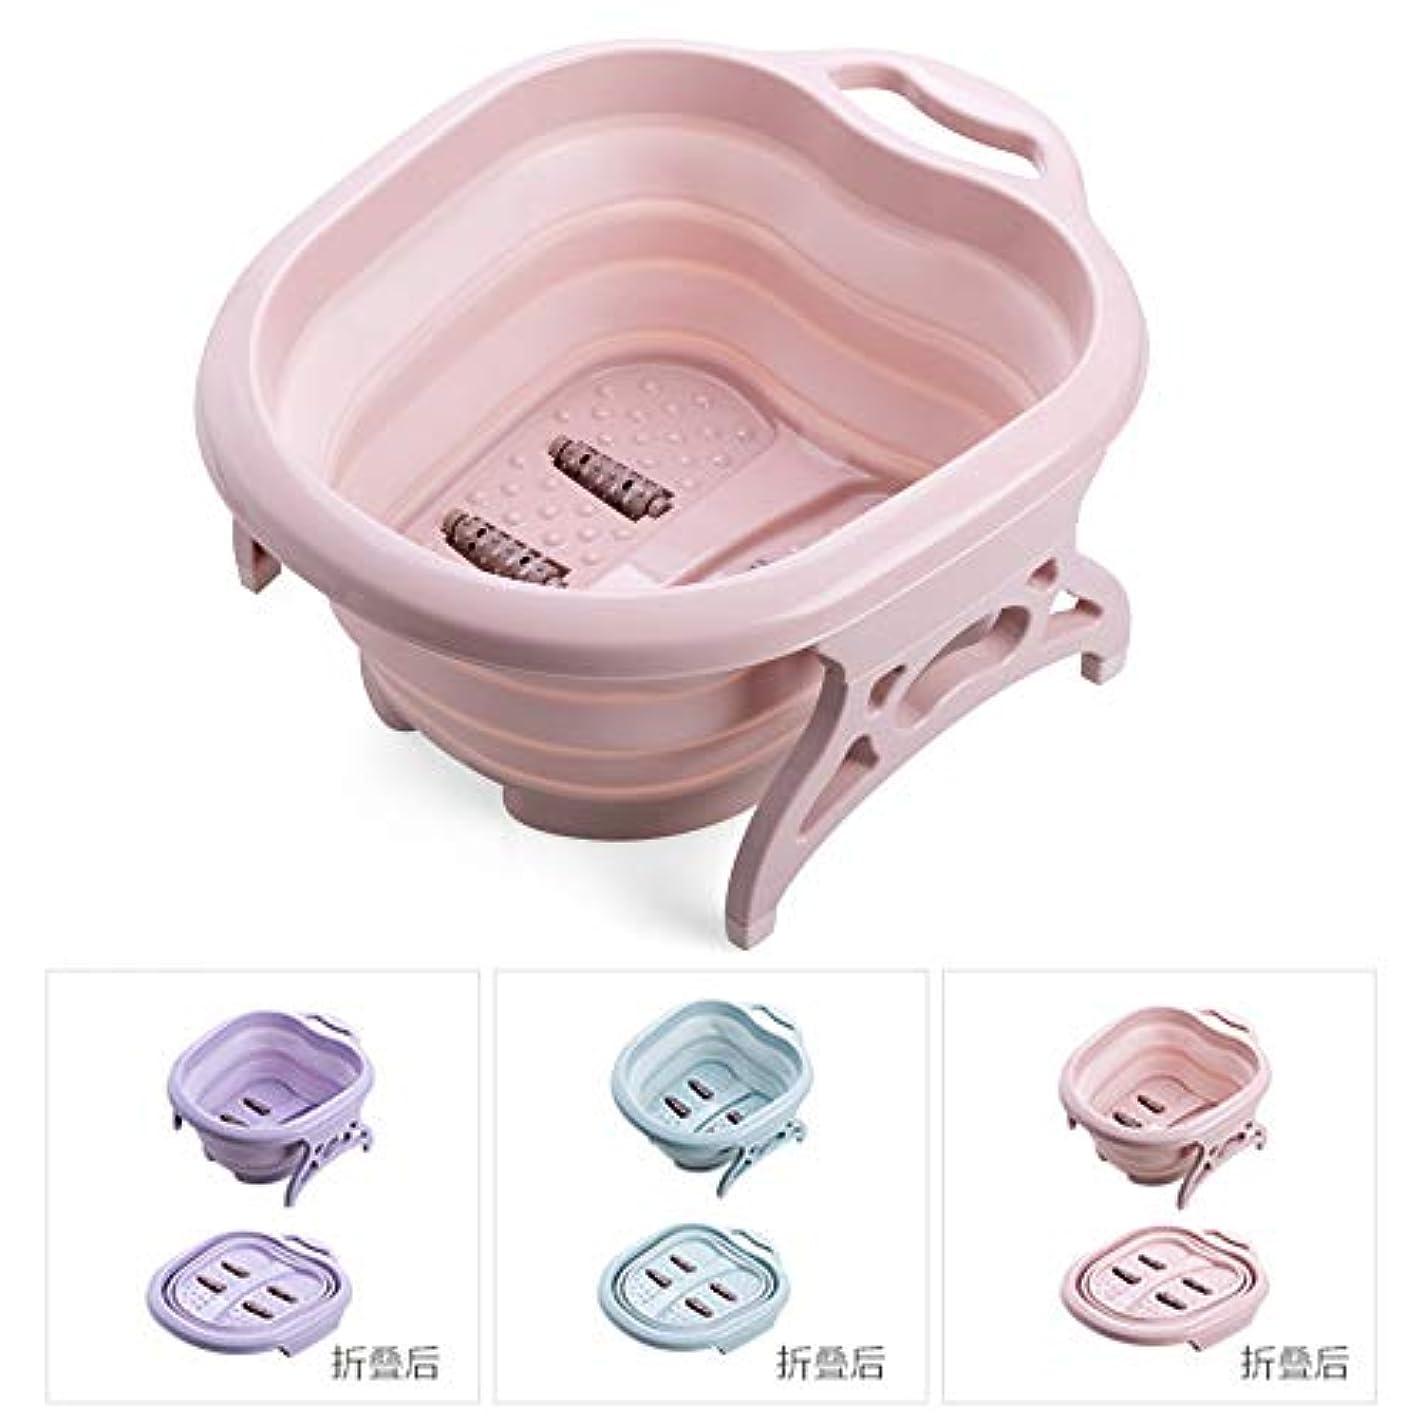 学習なぜ私達[Shinepine] 足湯 折りたたみ バブルフットバス マッサージ 折り畳み可 足浴器 足の冷え対策 持ち運び楽々 ピンク(Pink)